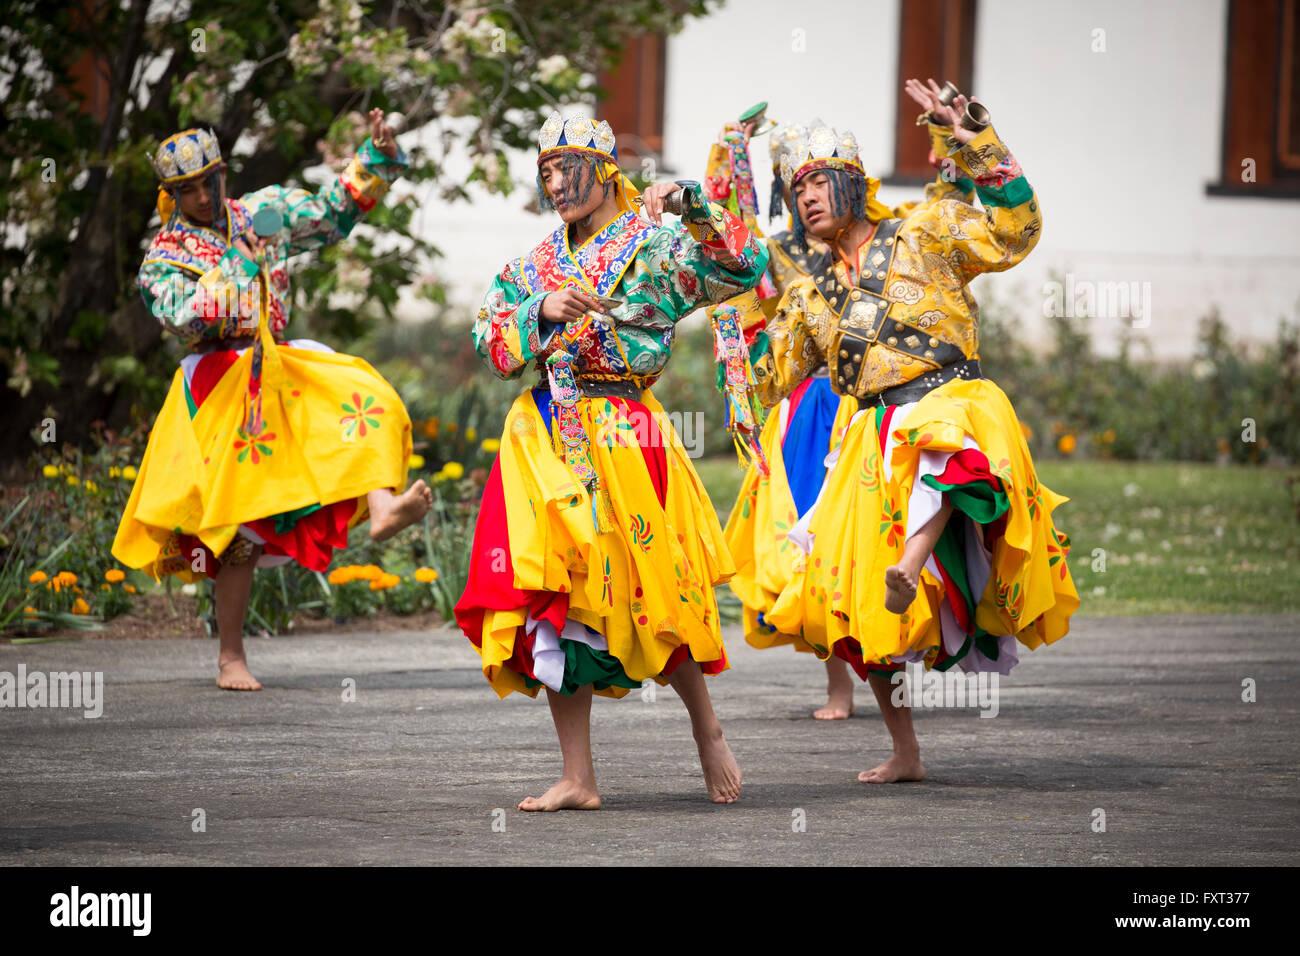 Danseurs cérémonie traditionnelle à une cérémonie de bienvenue à TashichhoDzong à Photo Stock